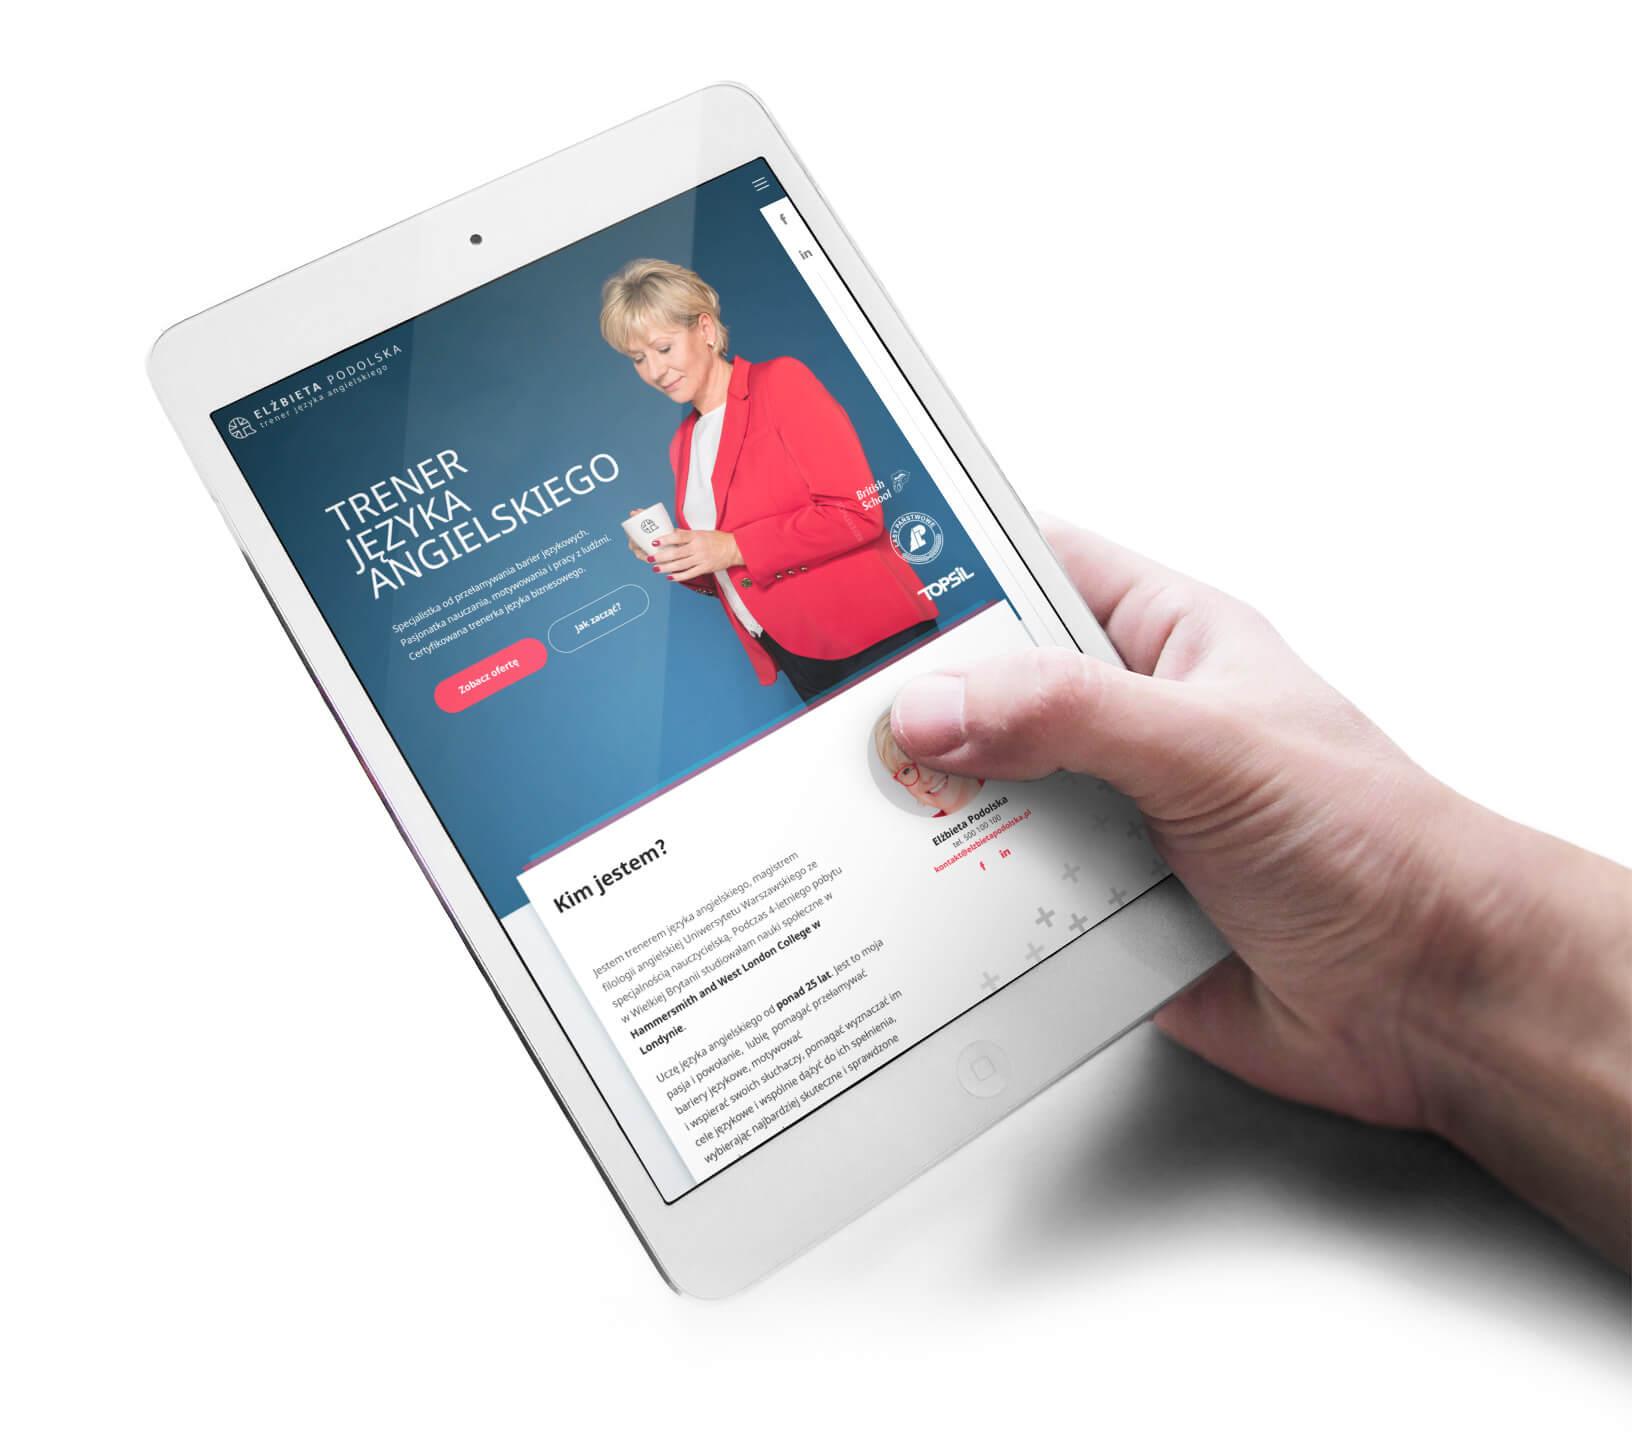 Elżbieta Podolska - projekt strony pokazany na tablecie